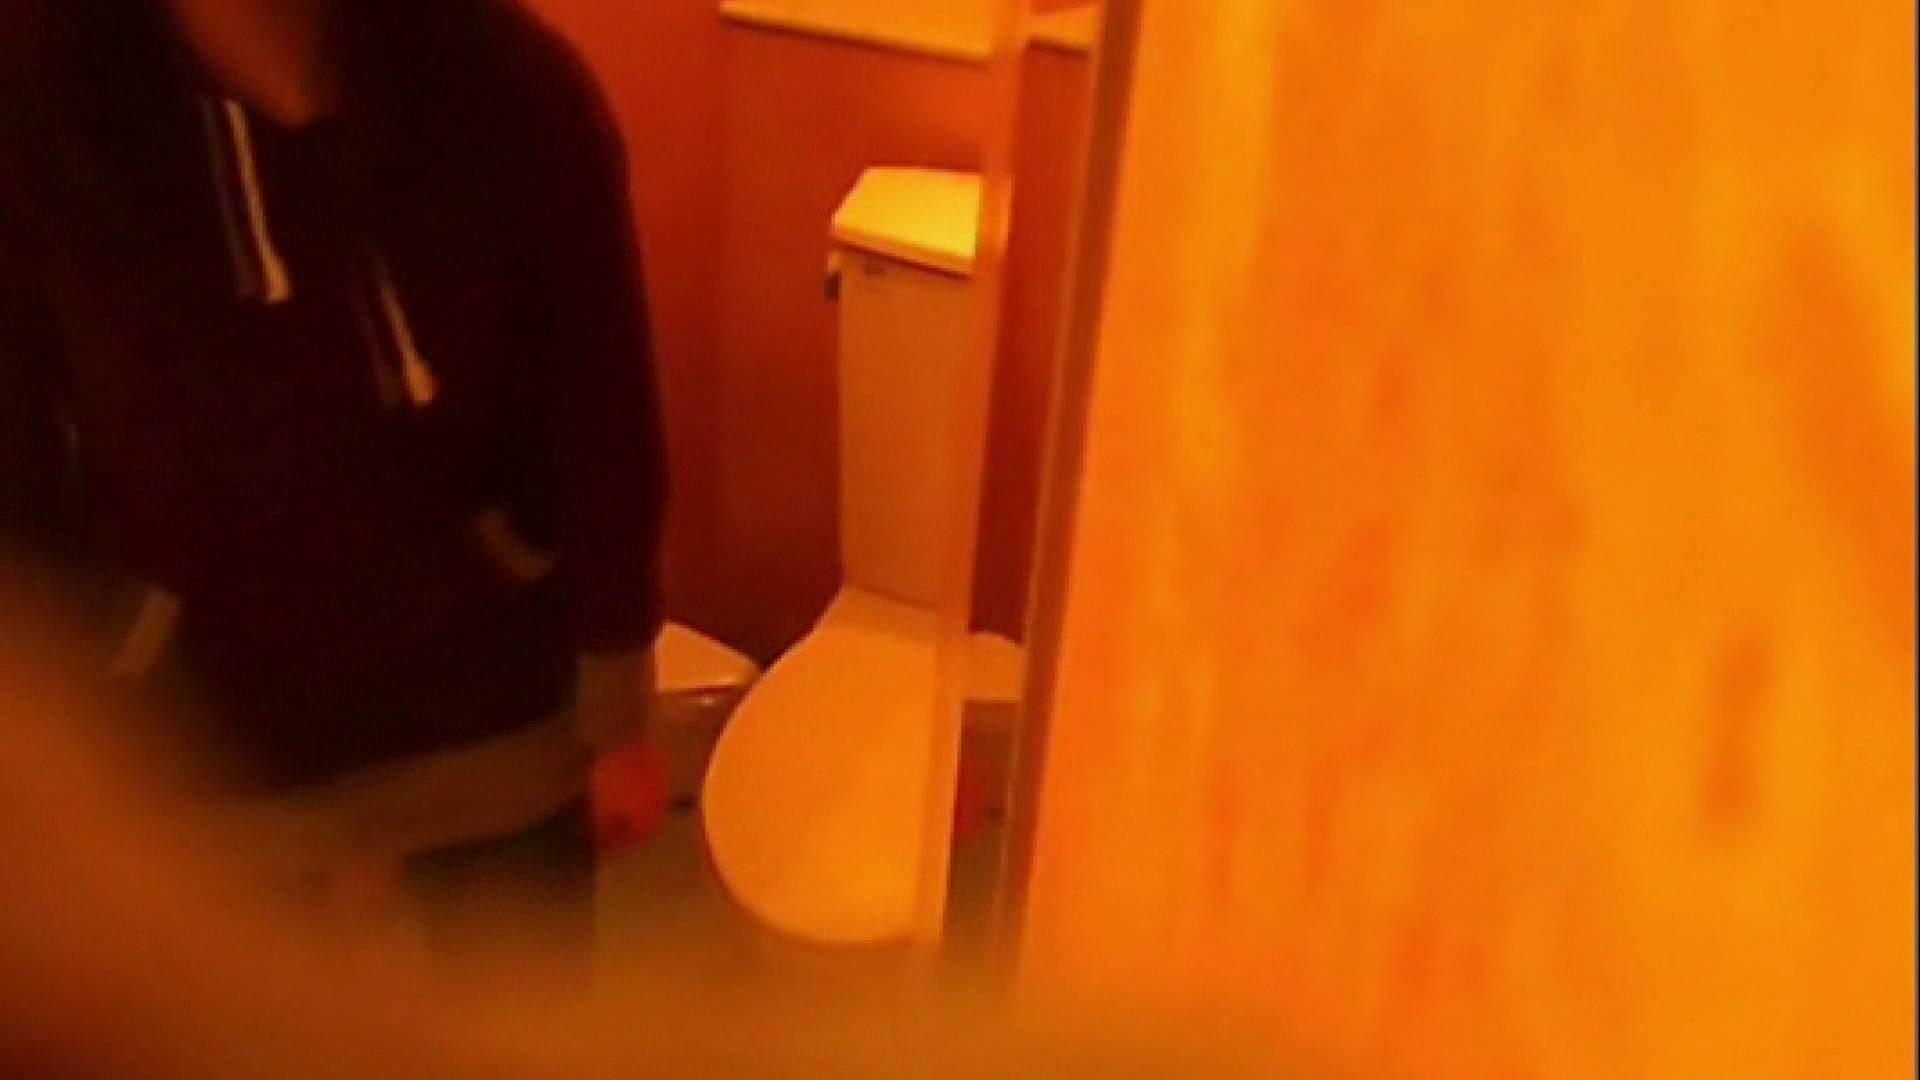 品川からお届け致します!GALS厠覗き! Vol.09 ティーンギャル 隠し撮りオマンコ動画紹介 89画像 9